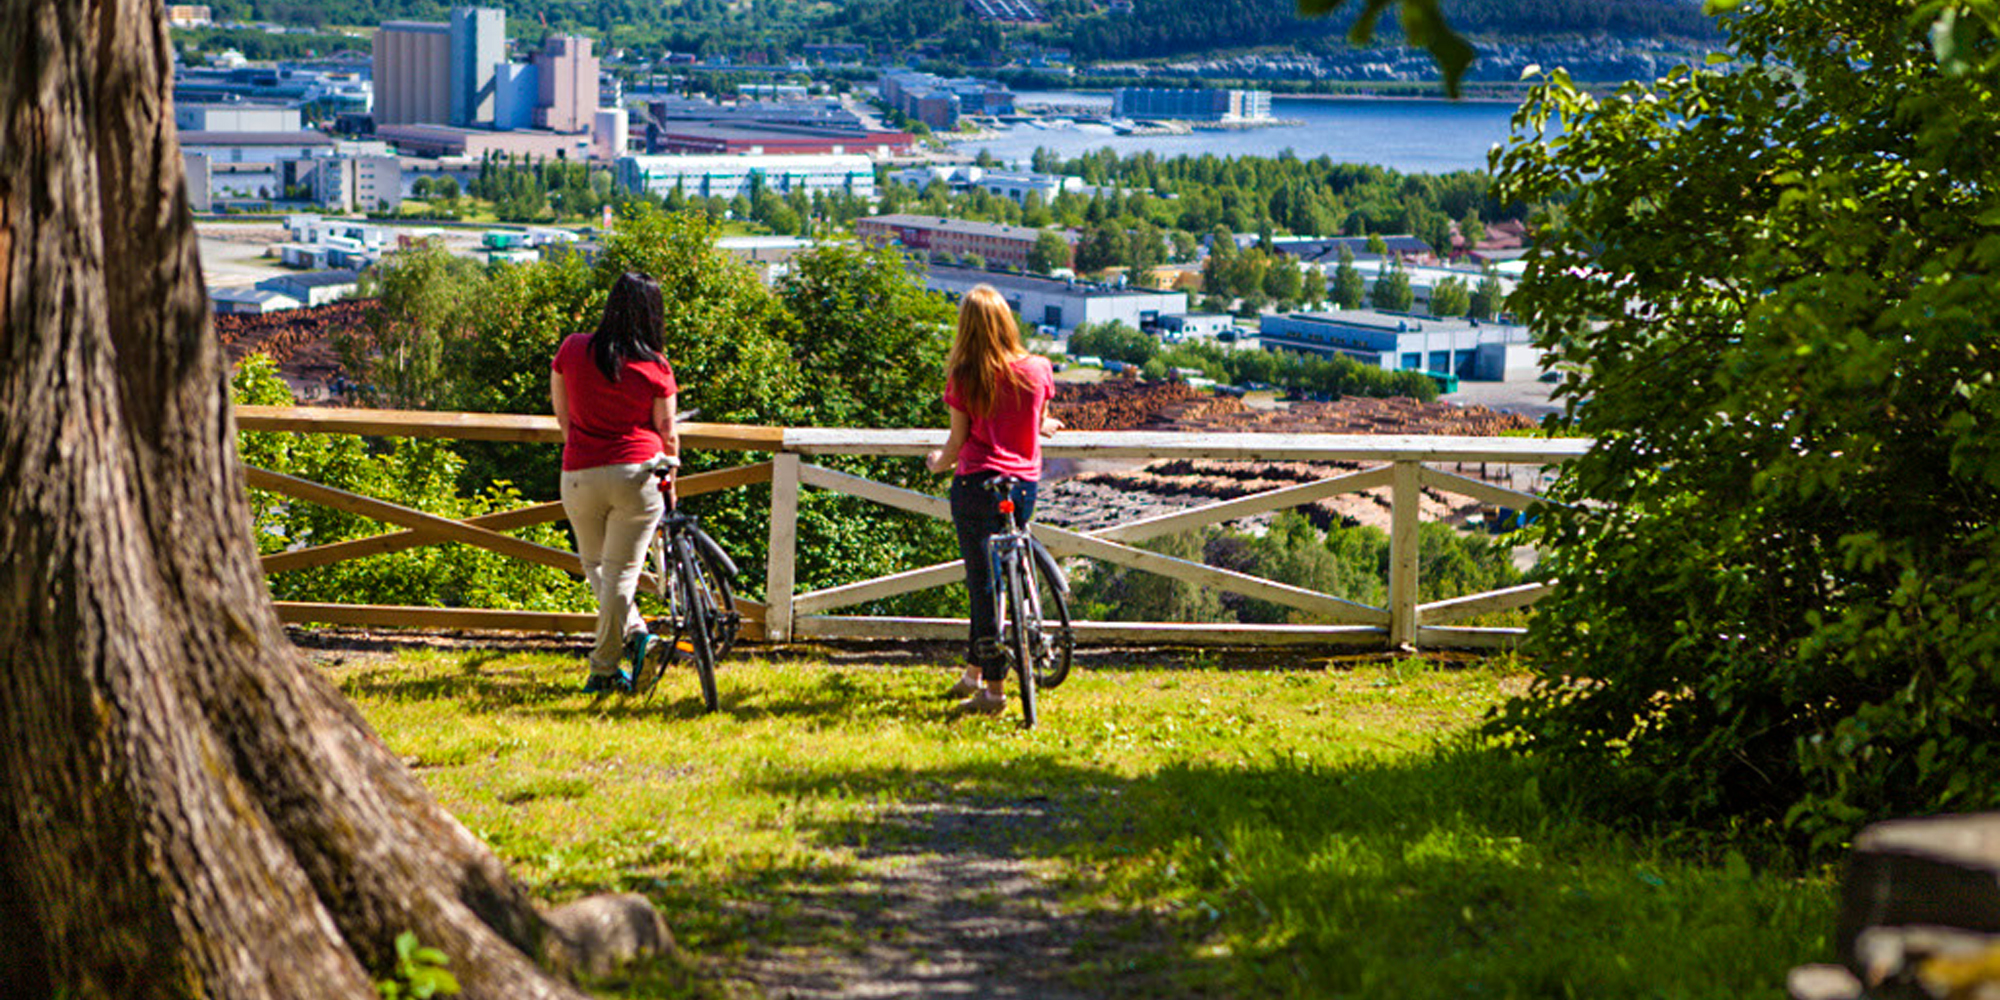 Biking in SteinkjerPhoto: Steinkjerfotografen